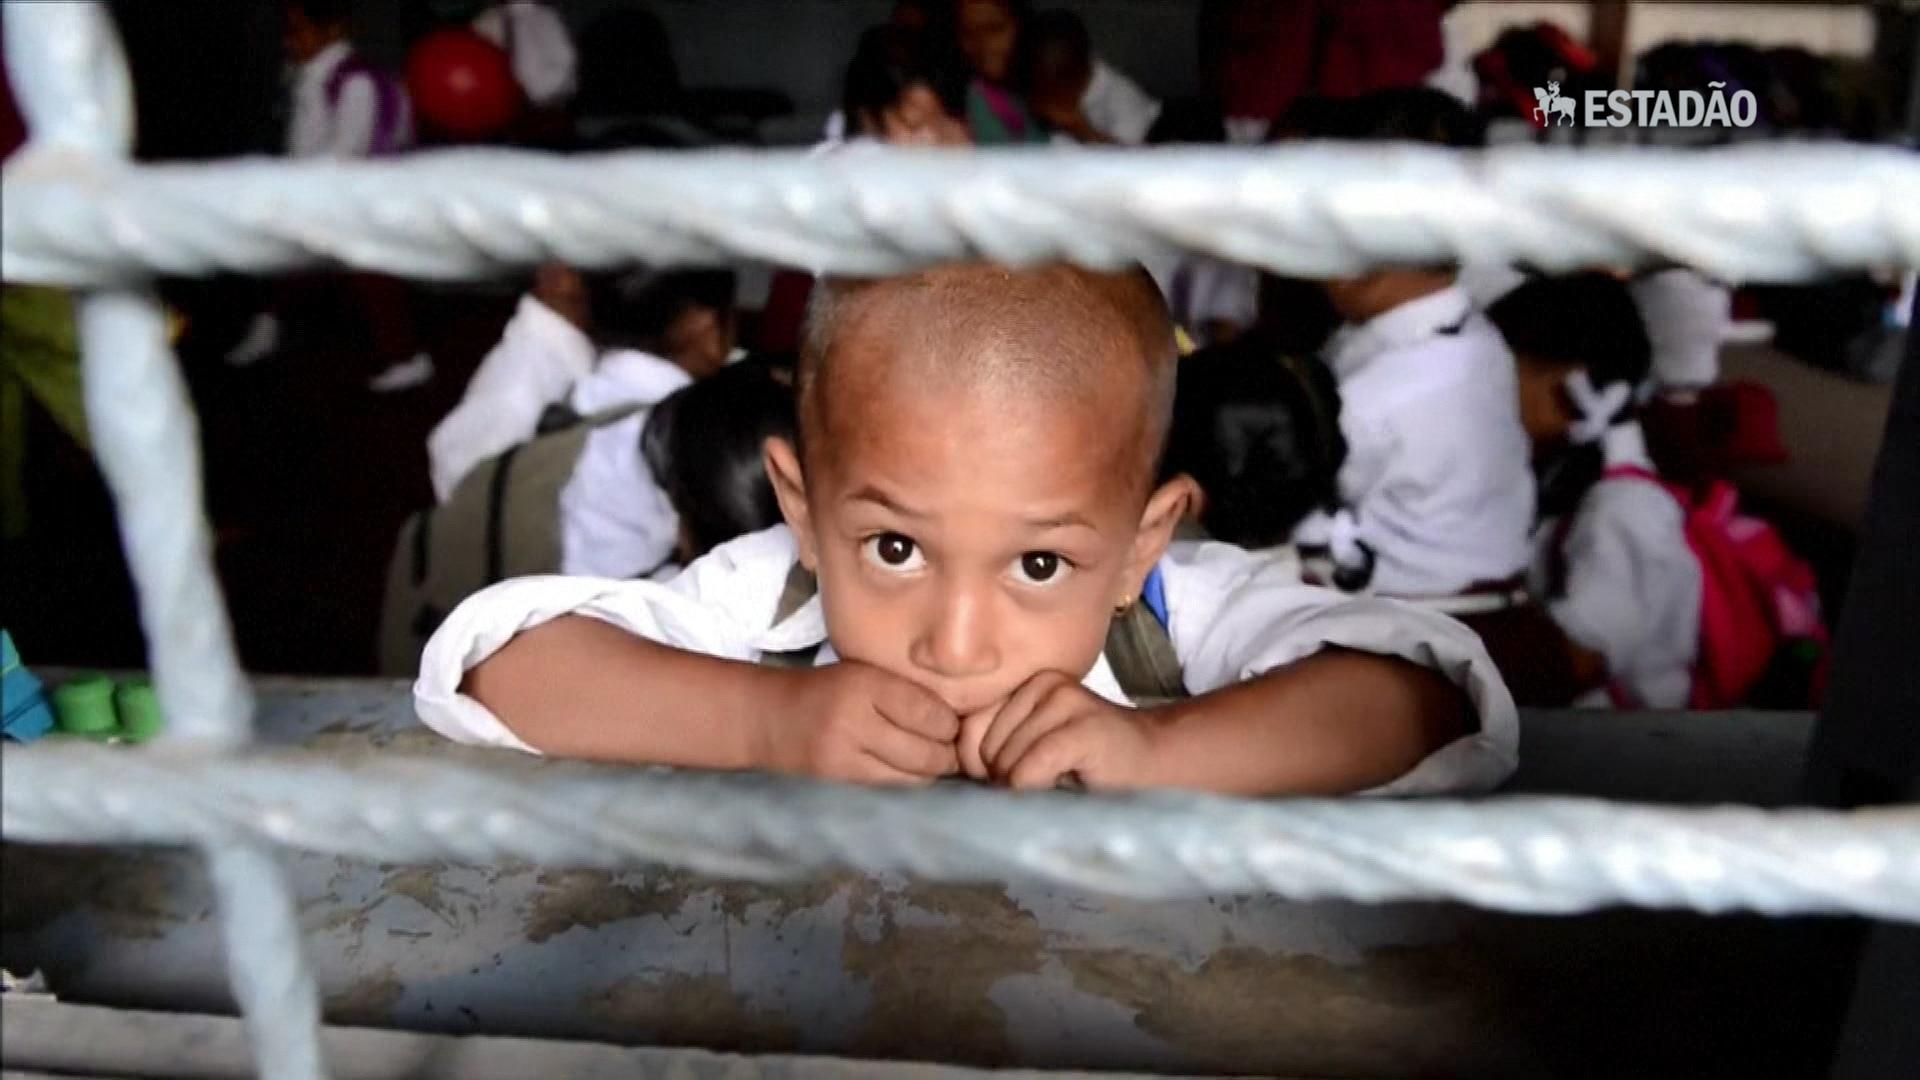 Crianças voltam às aulas após tremor no Nepal